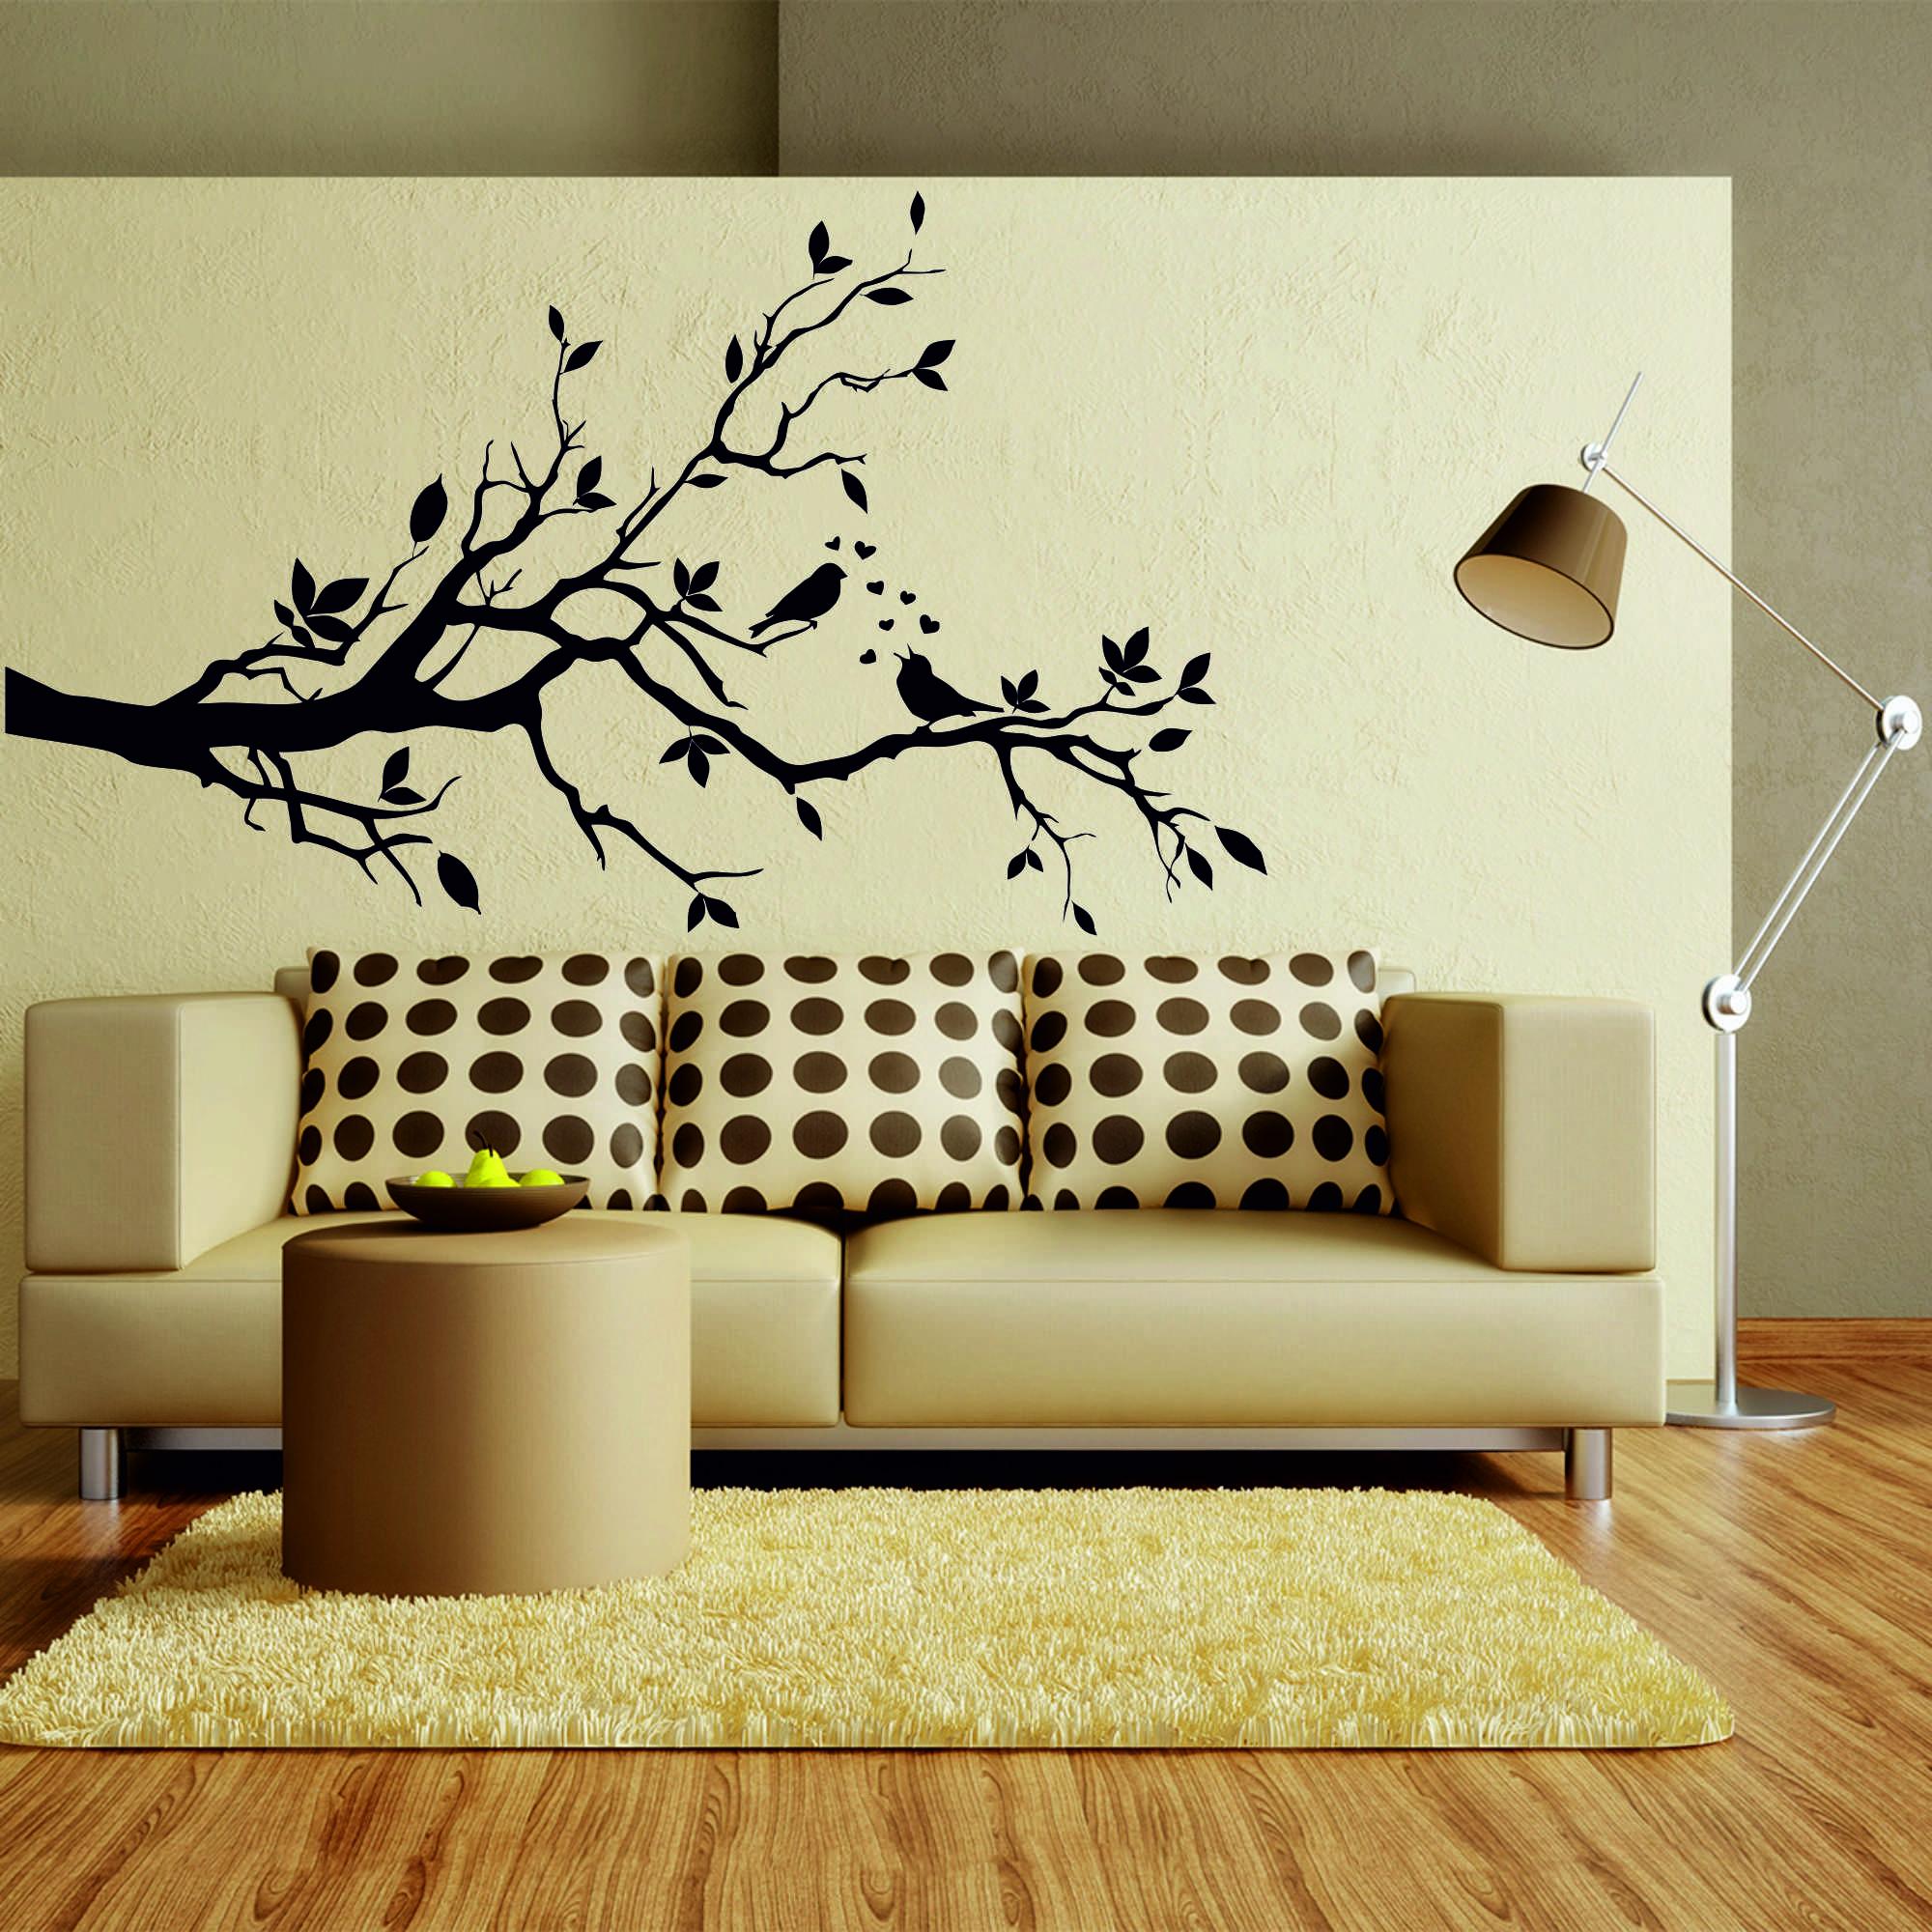 Samolepka na zeď - Větvička s ptáčky - 60x35 cm - PopyDesign